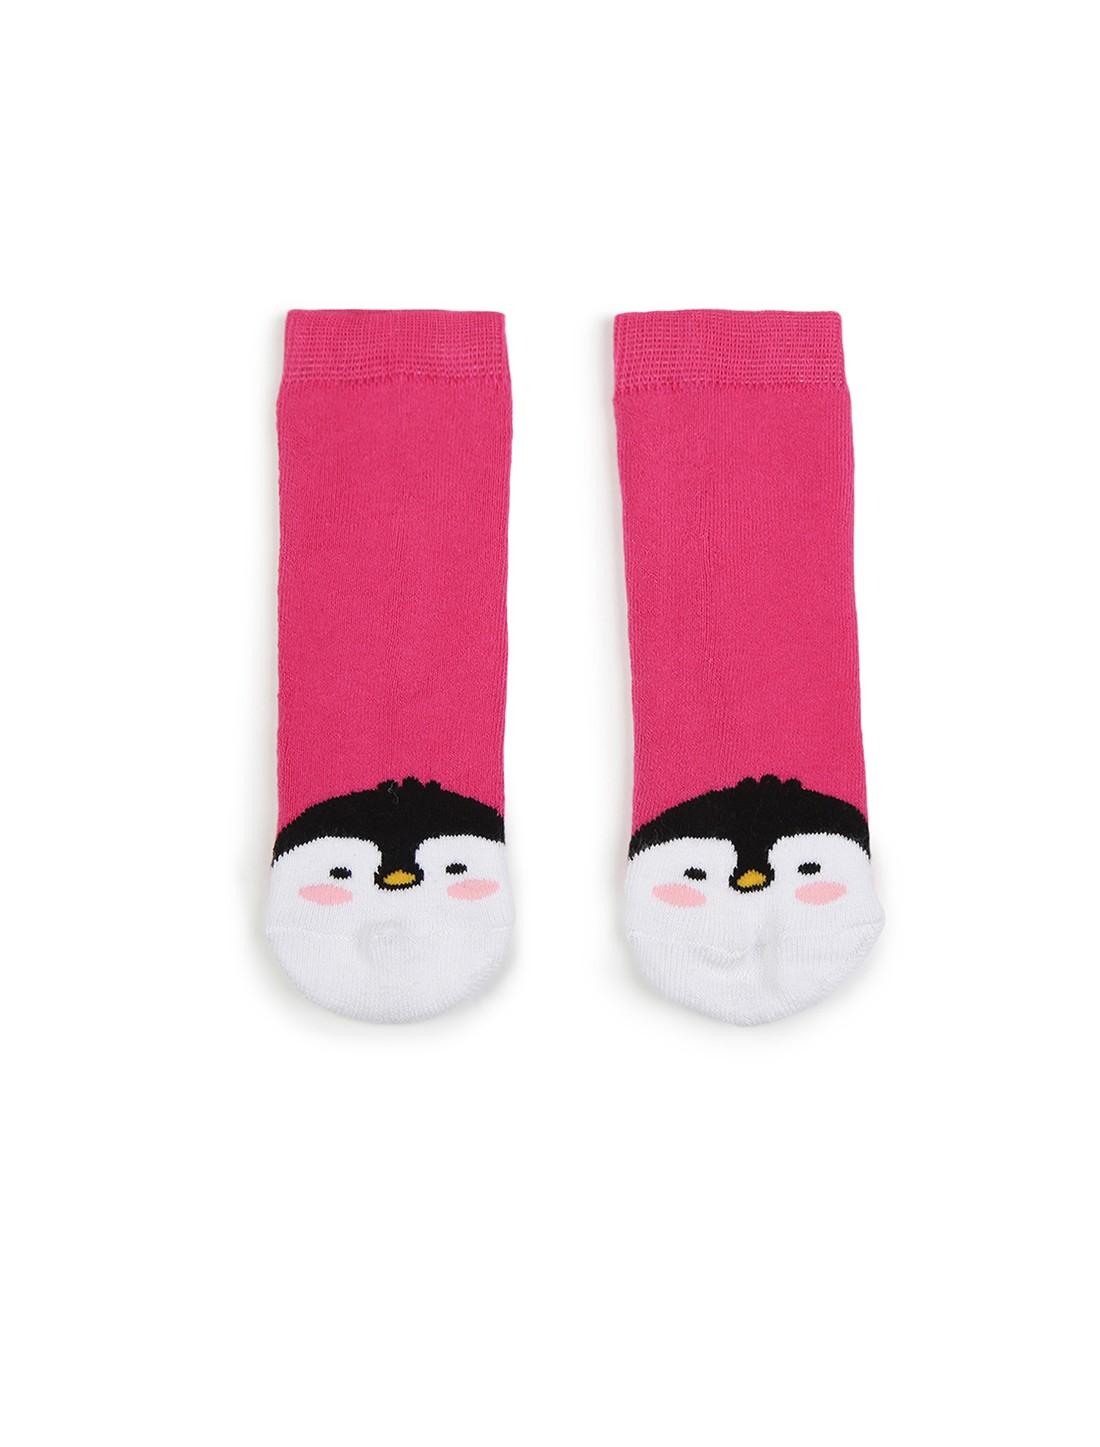 Soxytoes | Soxytoes Penguin Cotton Crew Length Pink Kids Socks-Age (2-4 Years)